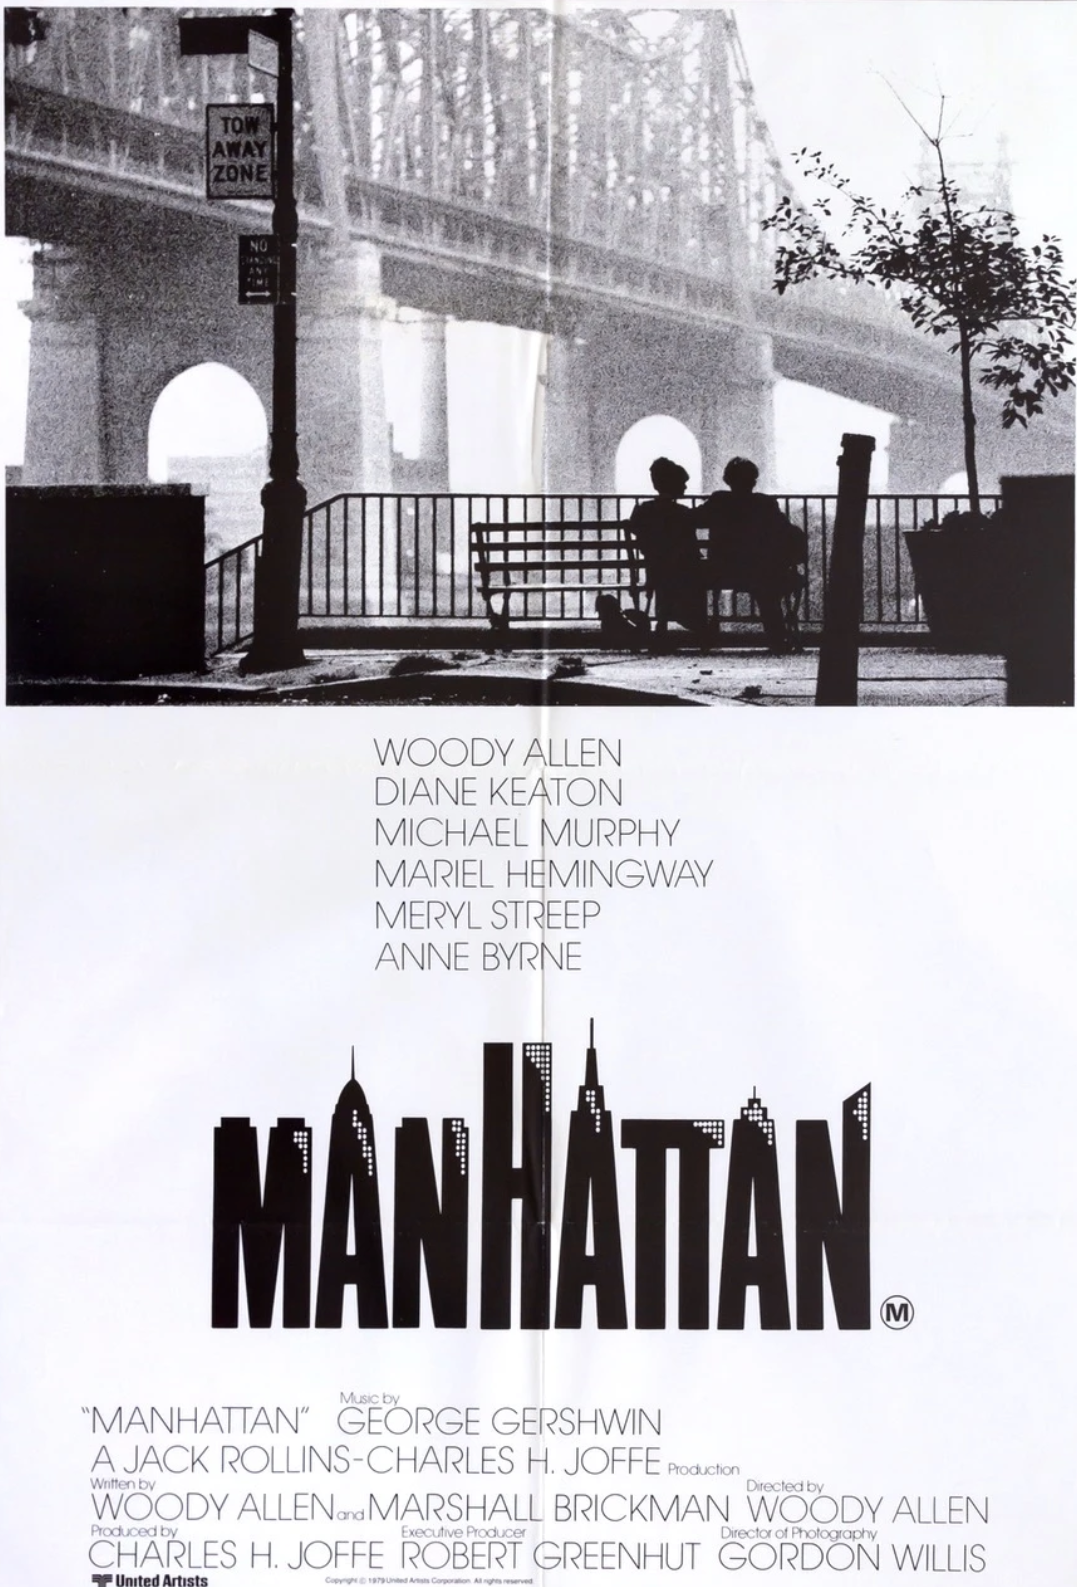 Manhattan 1979 Woody Allen Original Vintage Film Poster